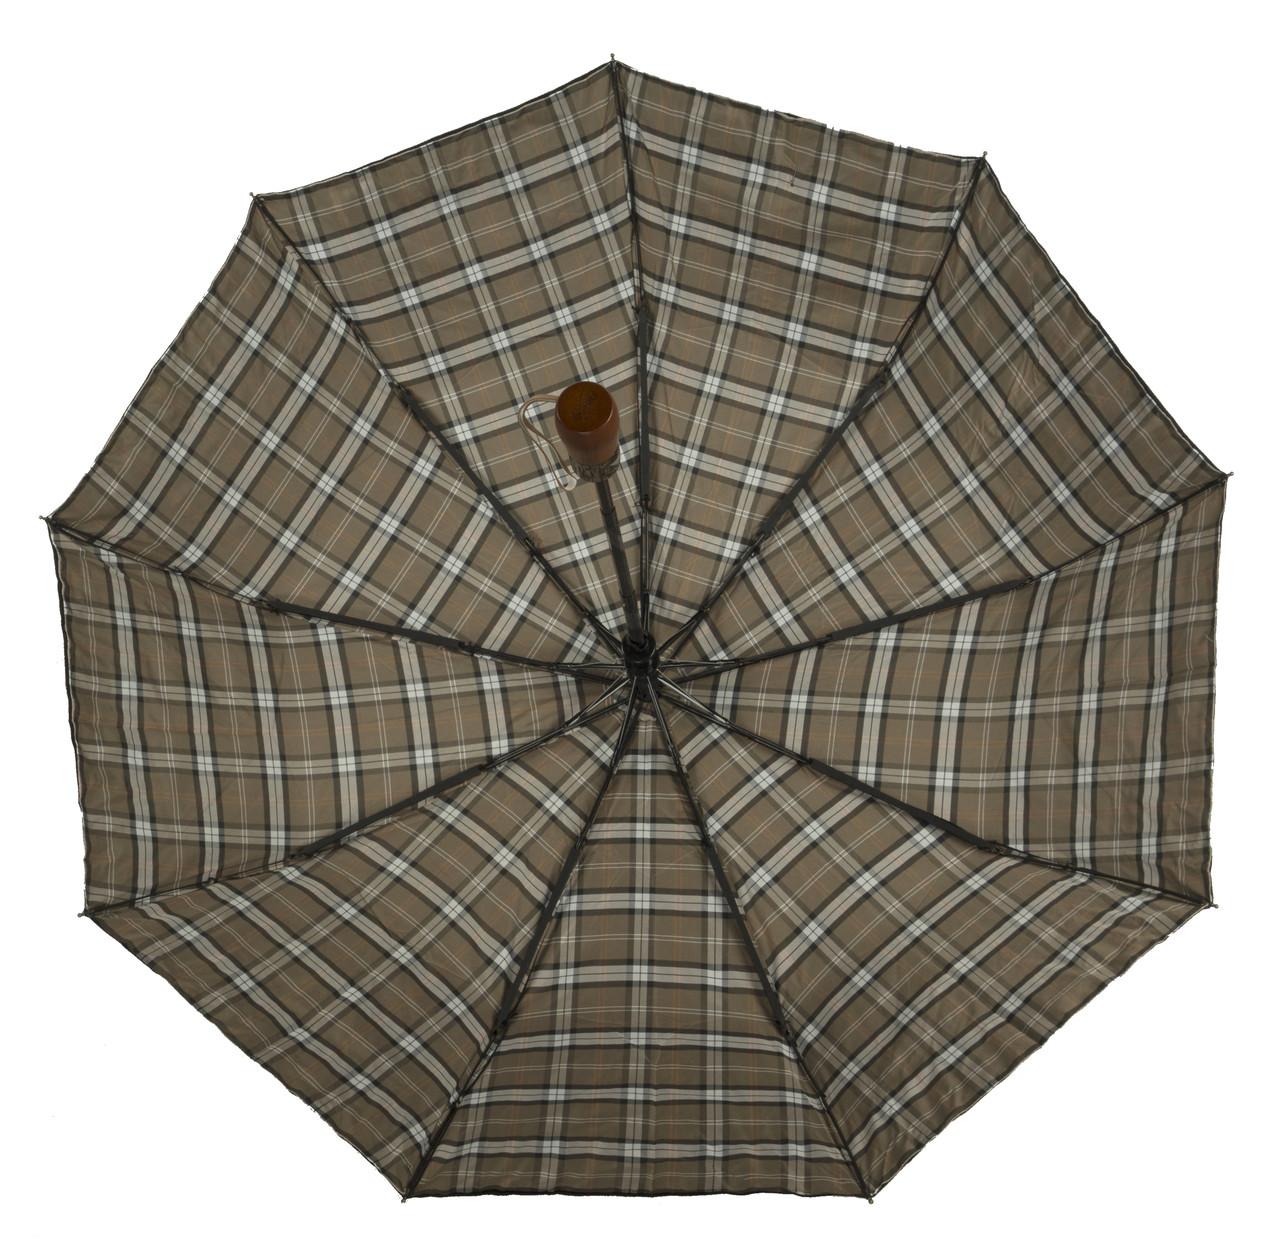 Мужской прочный зонт полуавтомат с двойной плащевкой прямой ручкой Belissimo art. 1003